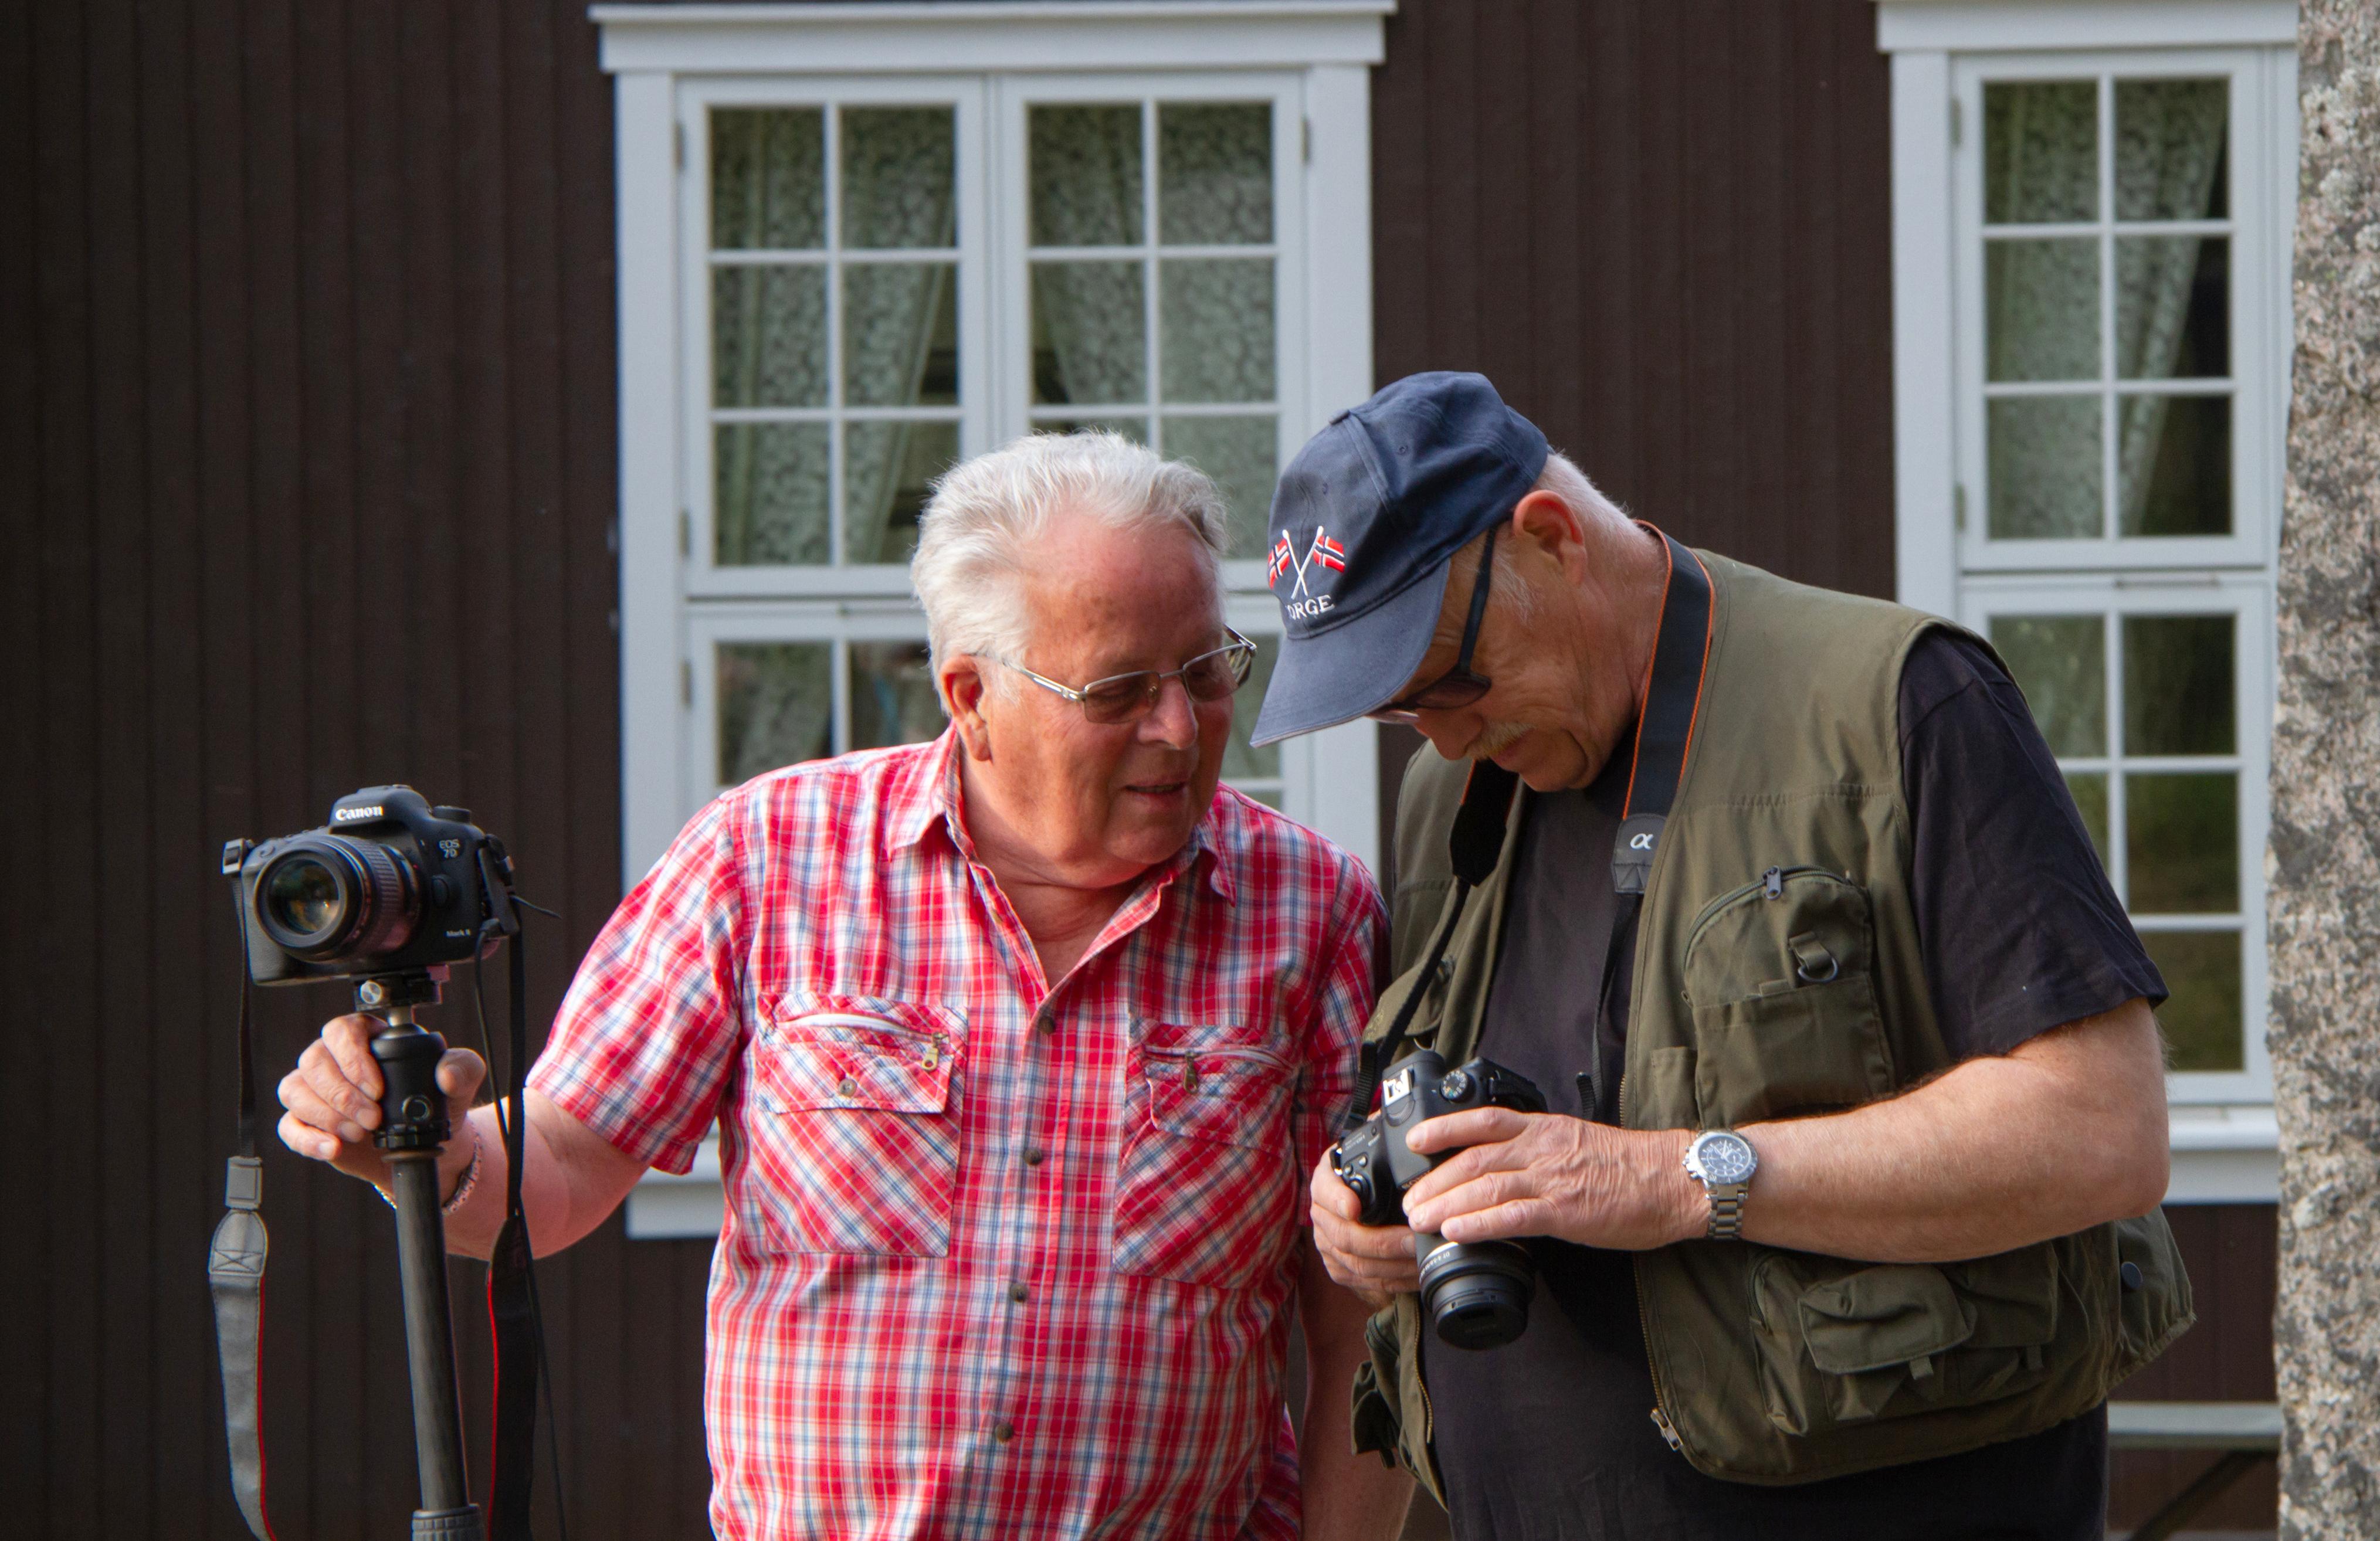 07.05.2018 Fotoklubben 035-1